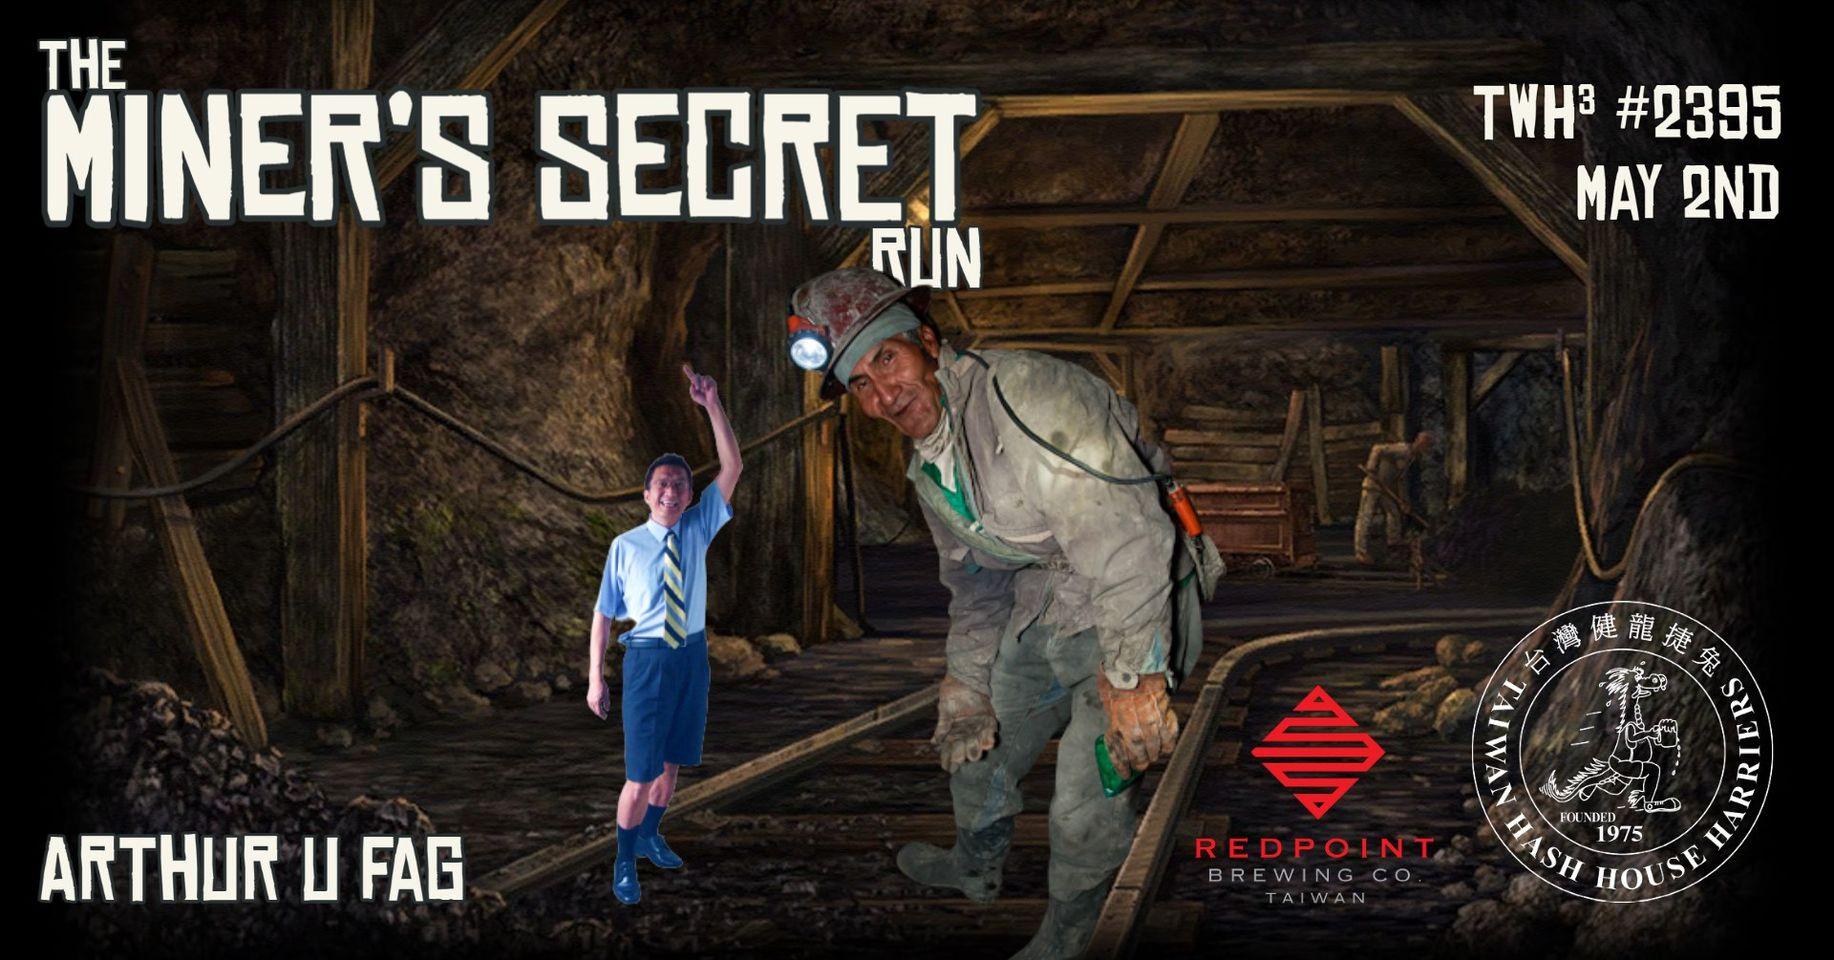 #2395 - The Miner's Secret Run